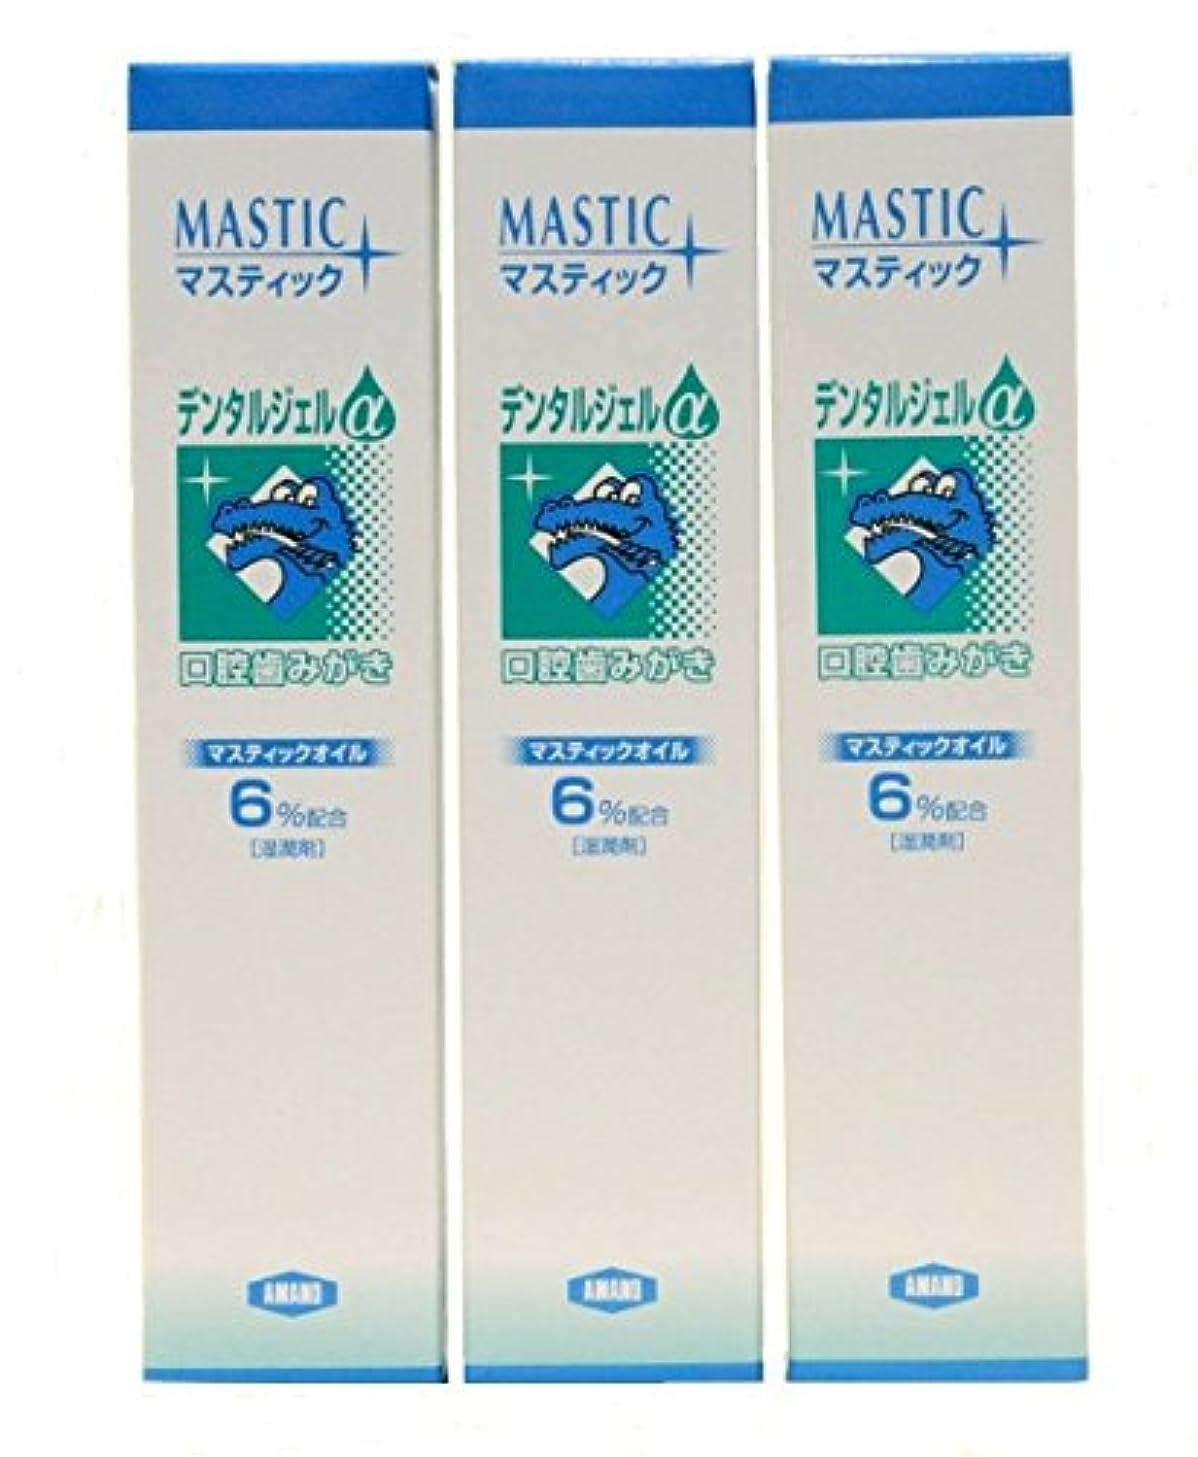 とげ指栄光のMASTIC マスティックデンタルジェルα45gX3個セット